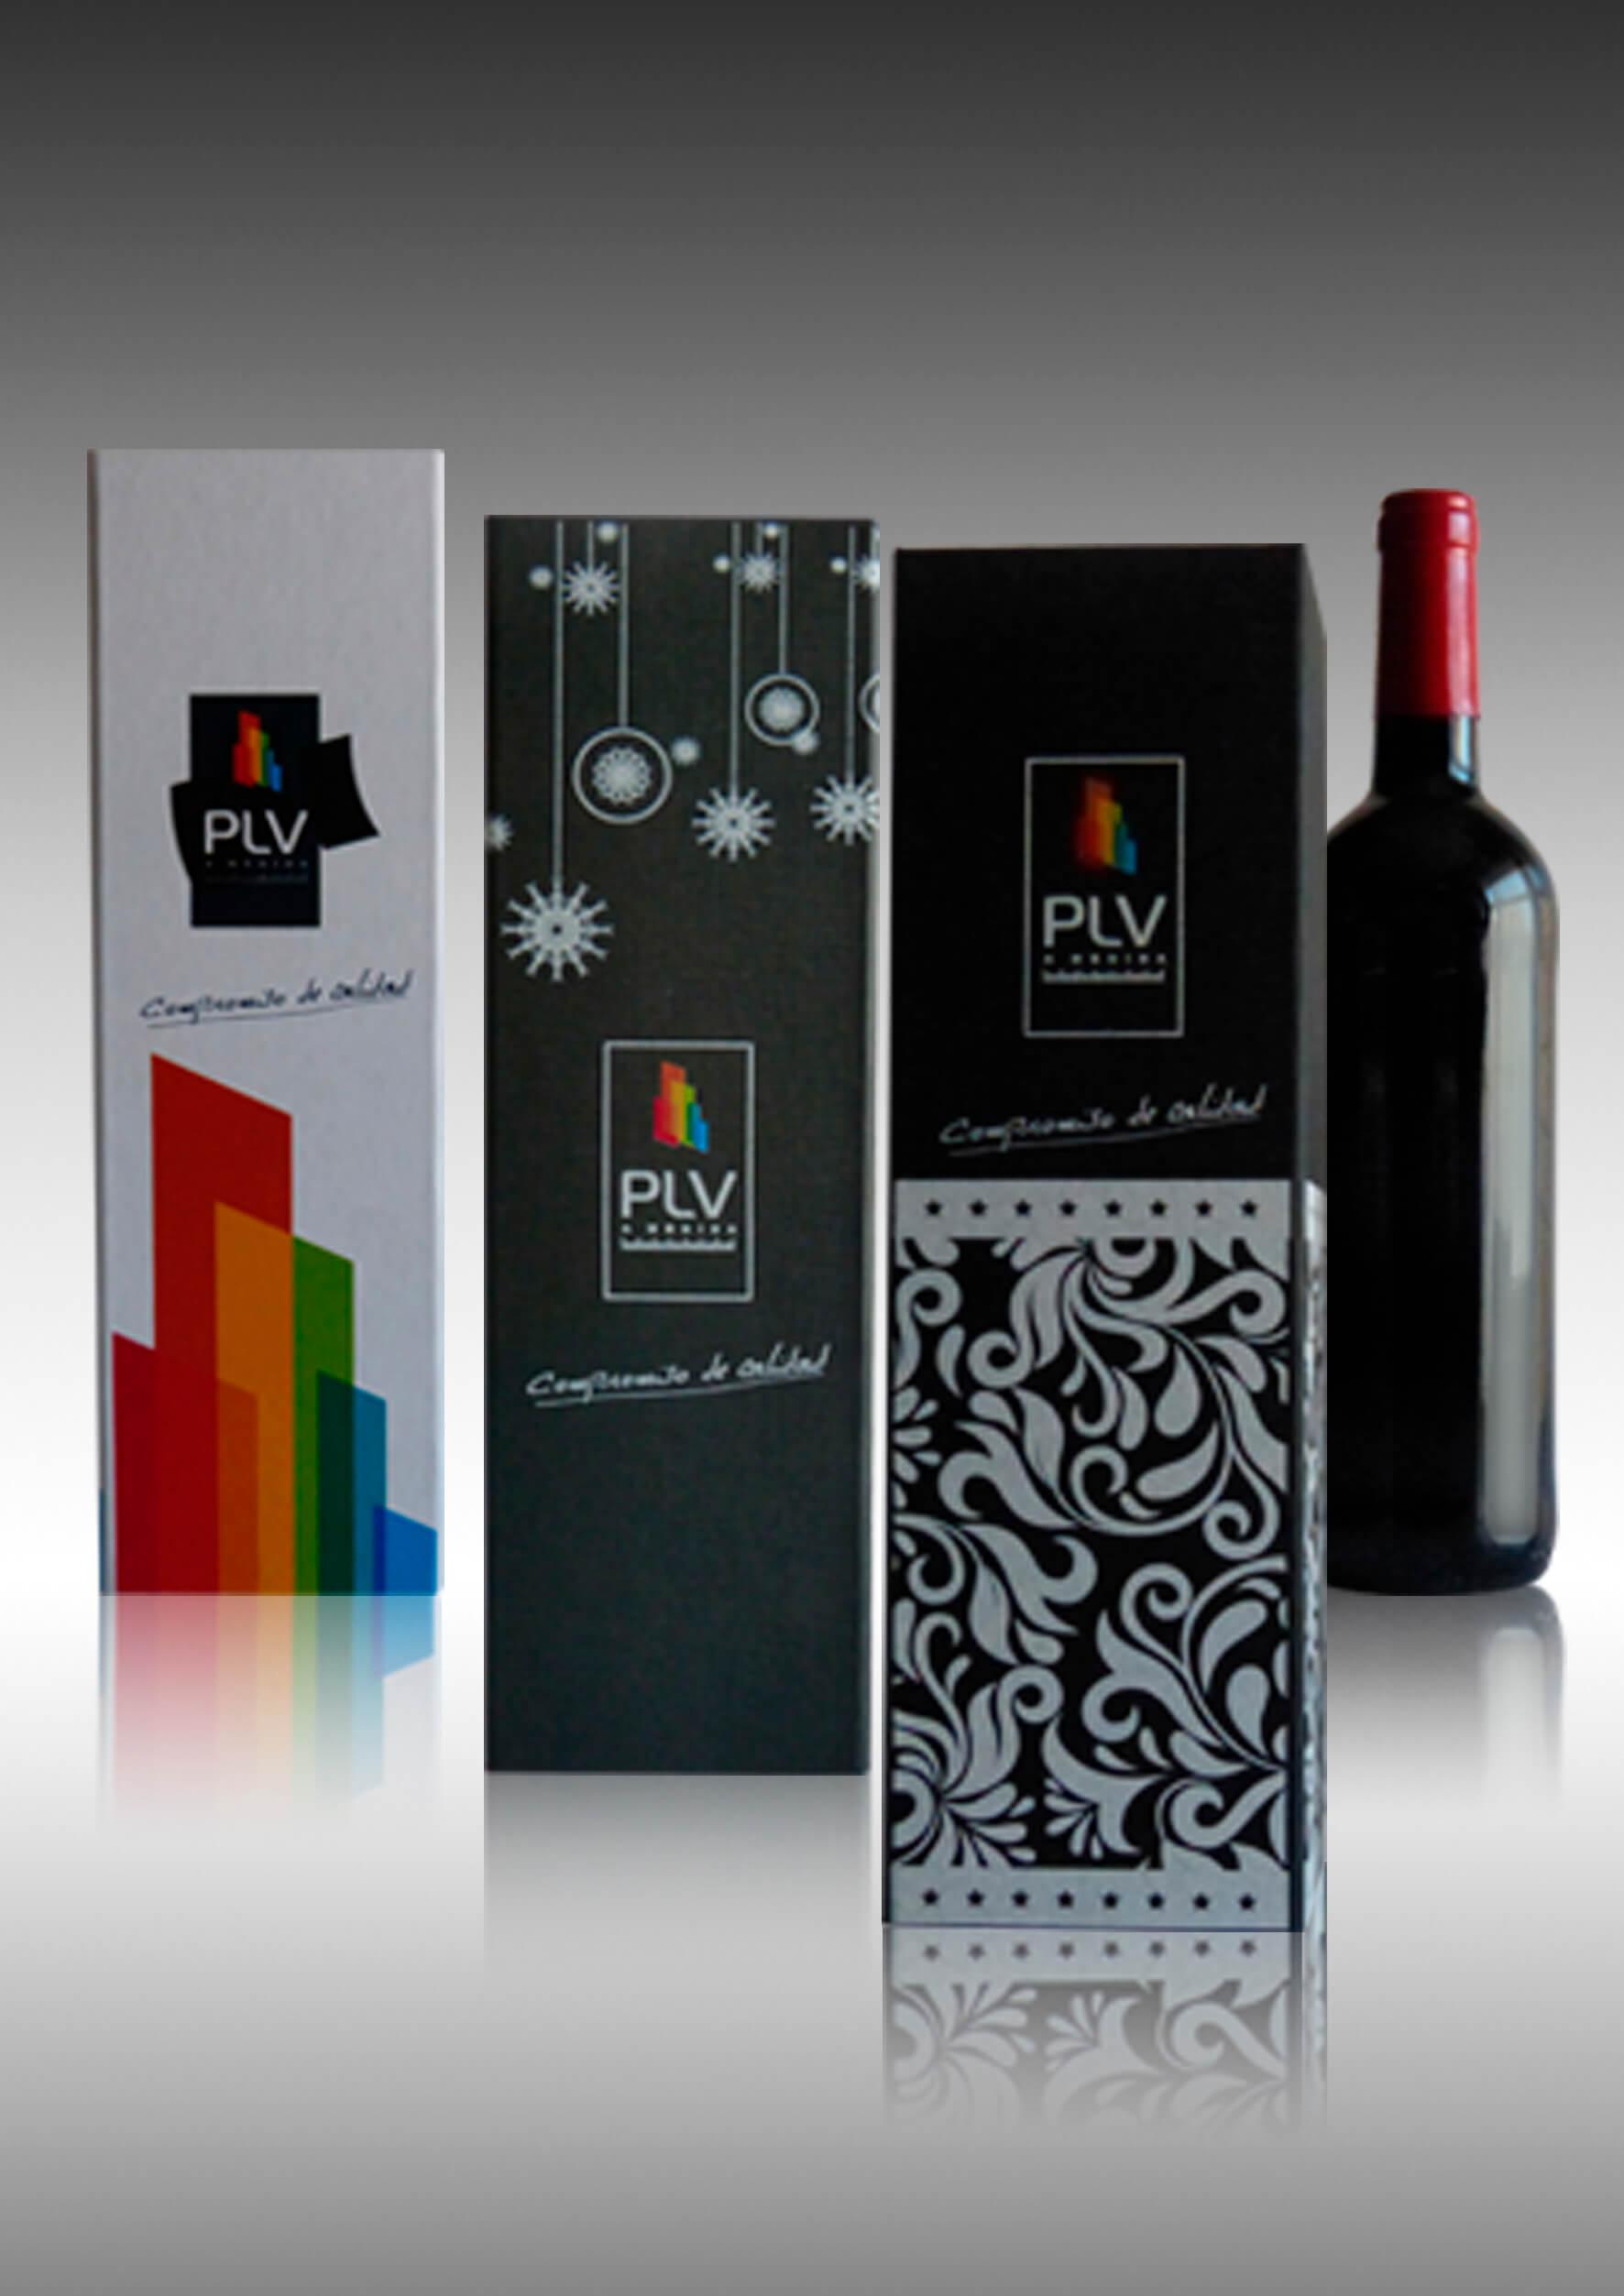 cajas-de-vino-personalizadas-baja